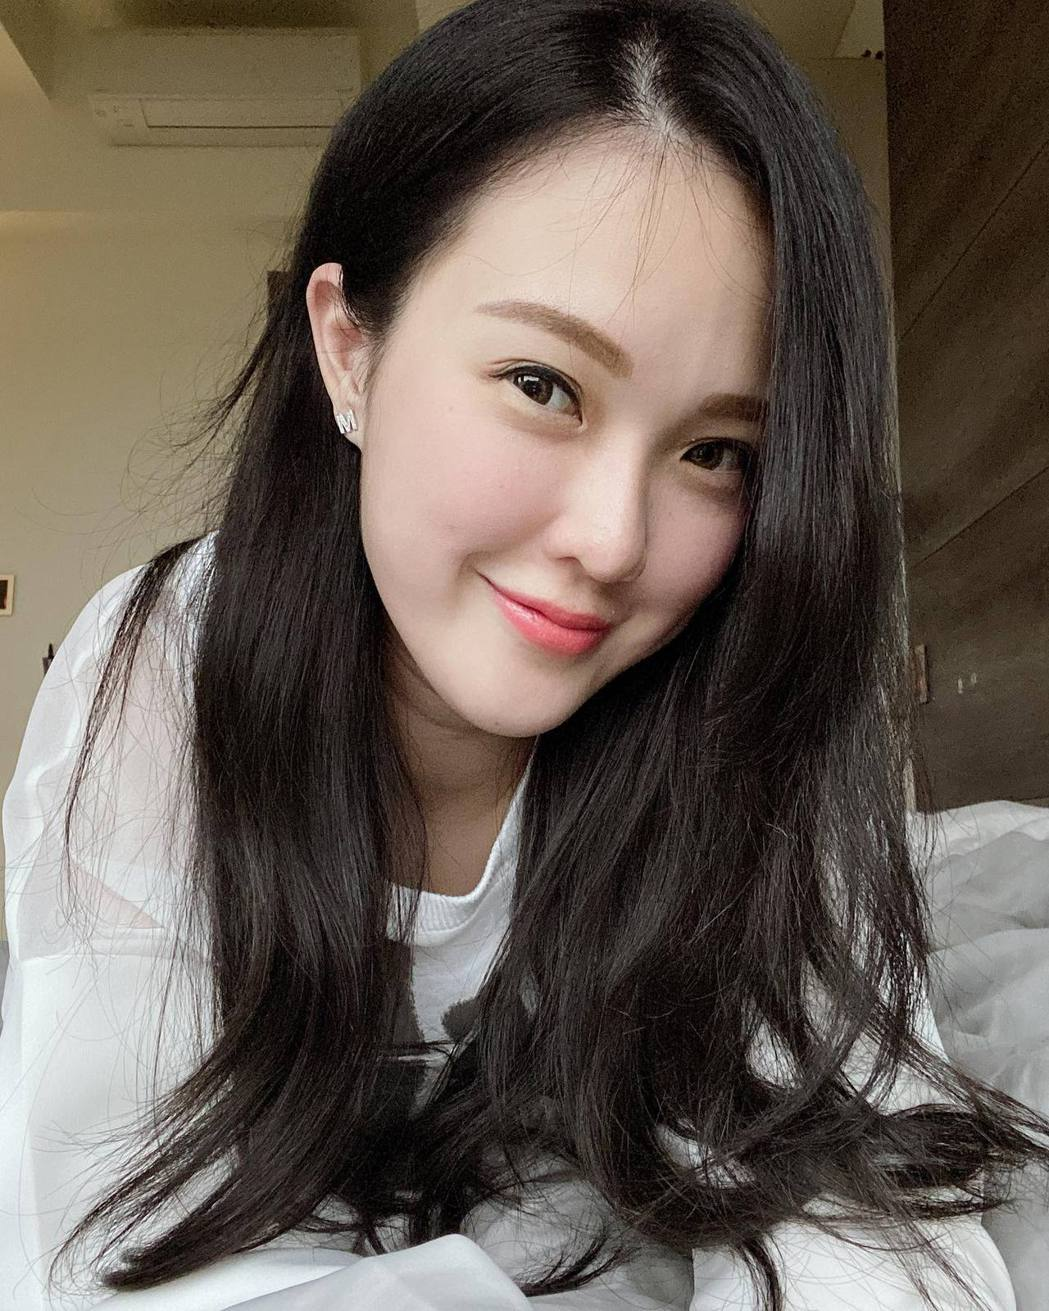 吳品萱在臉書發文酸紀艾希。 圖/擷自吳品萱臉書